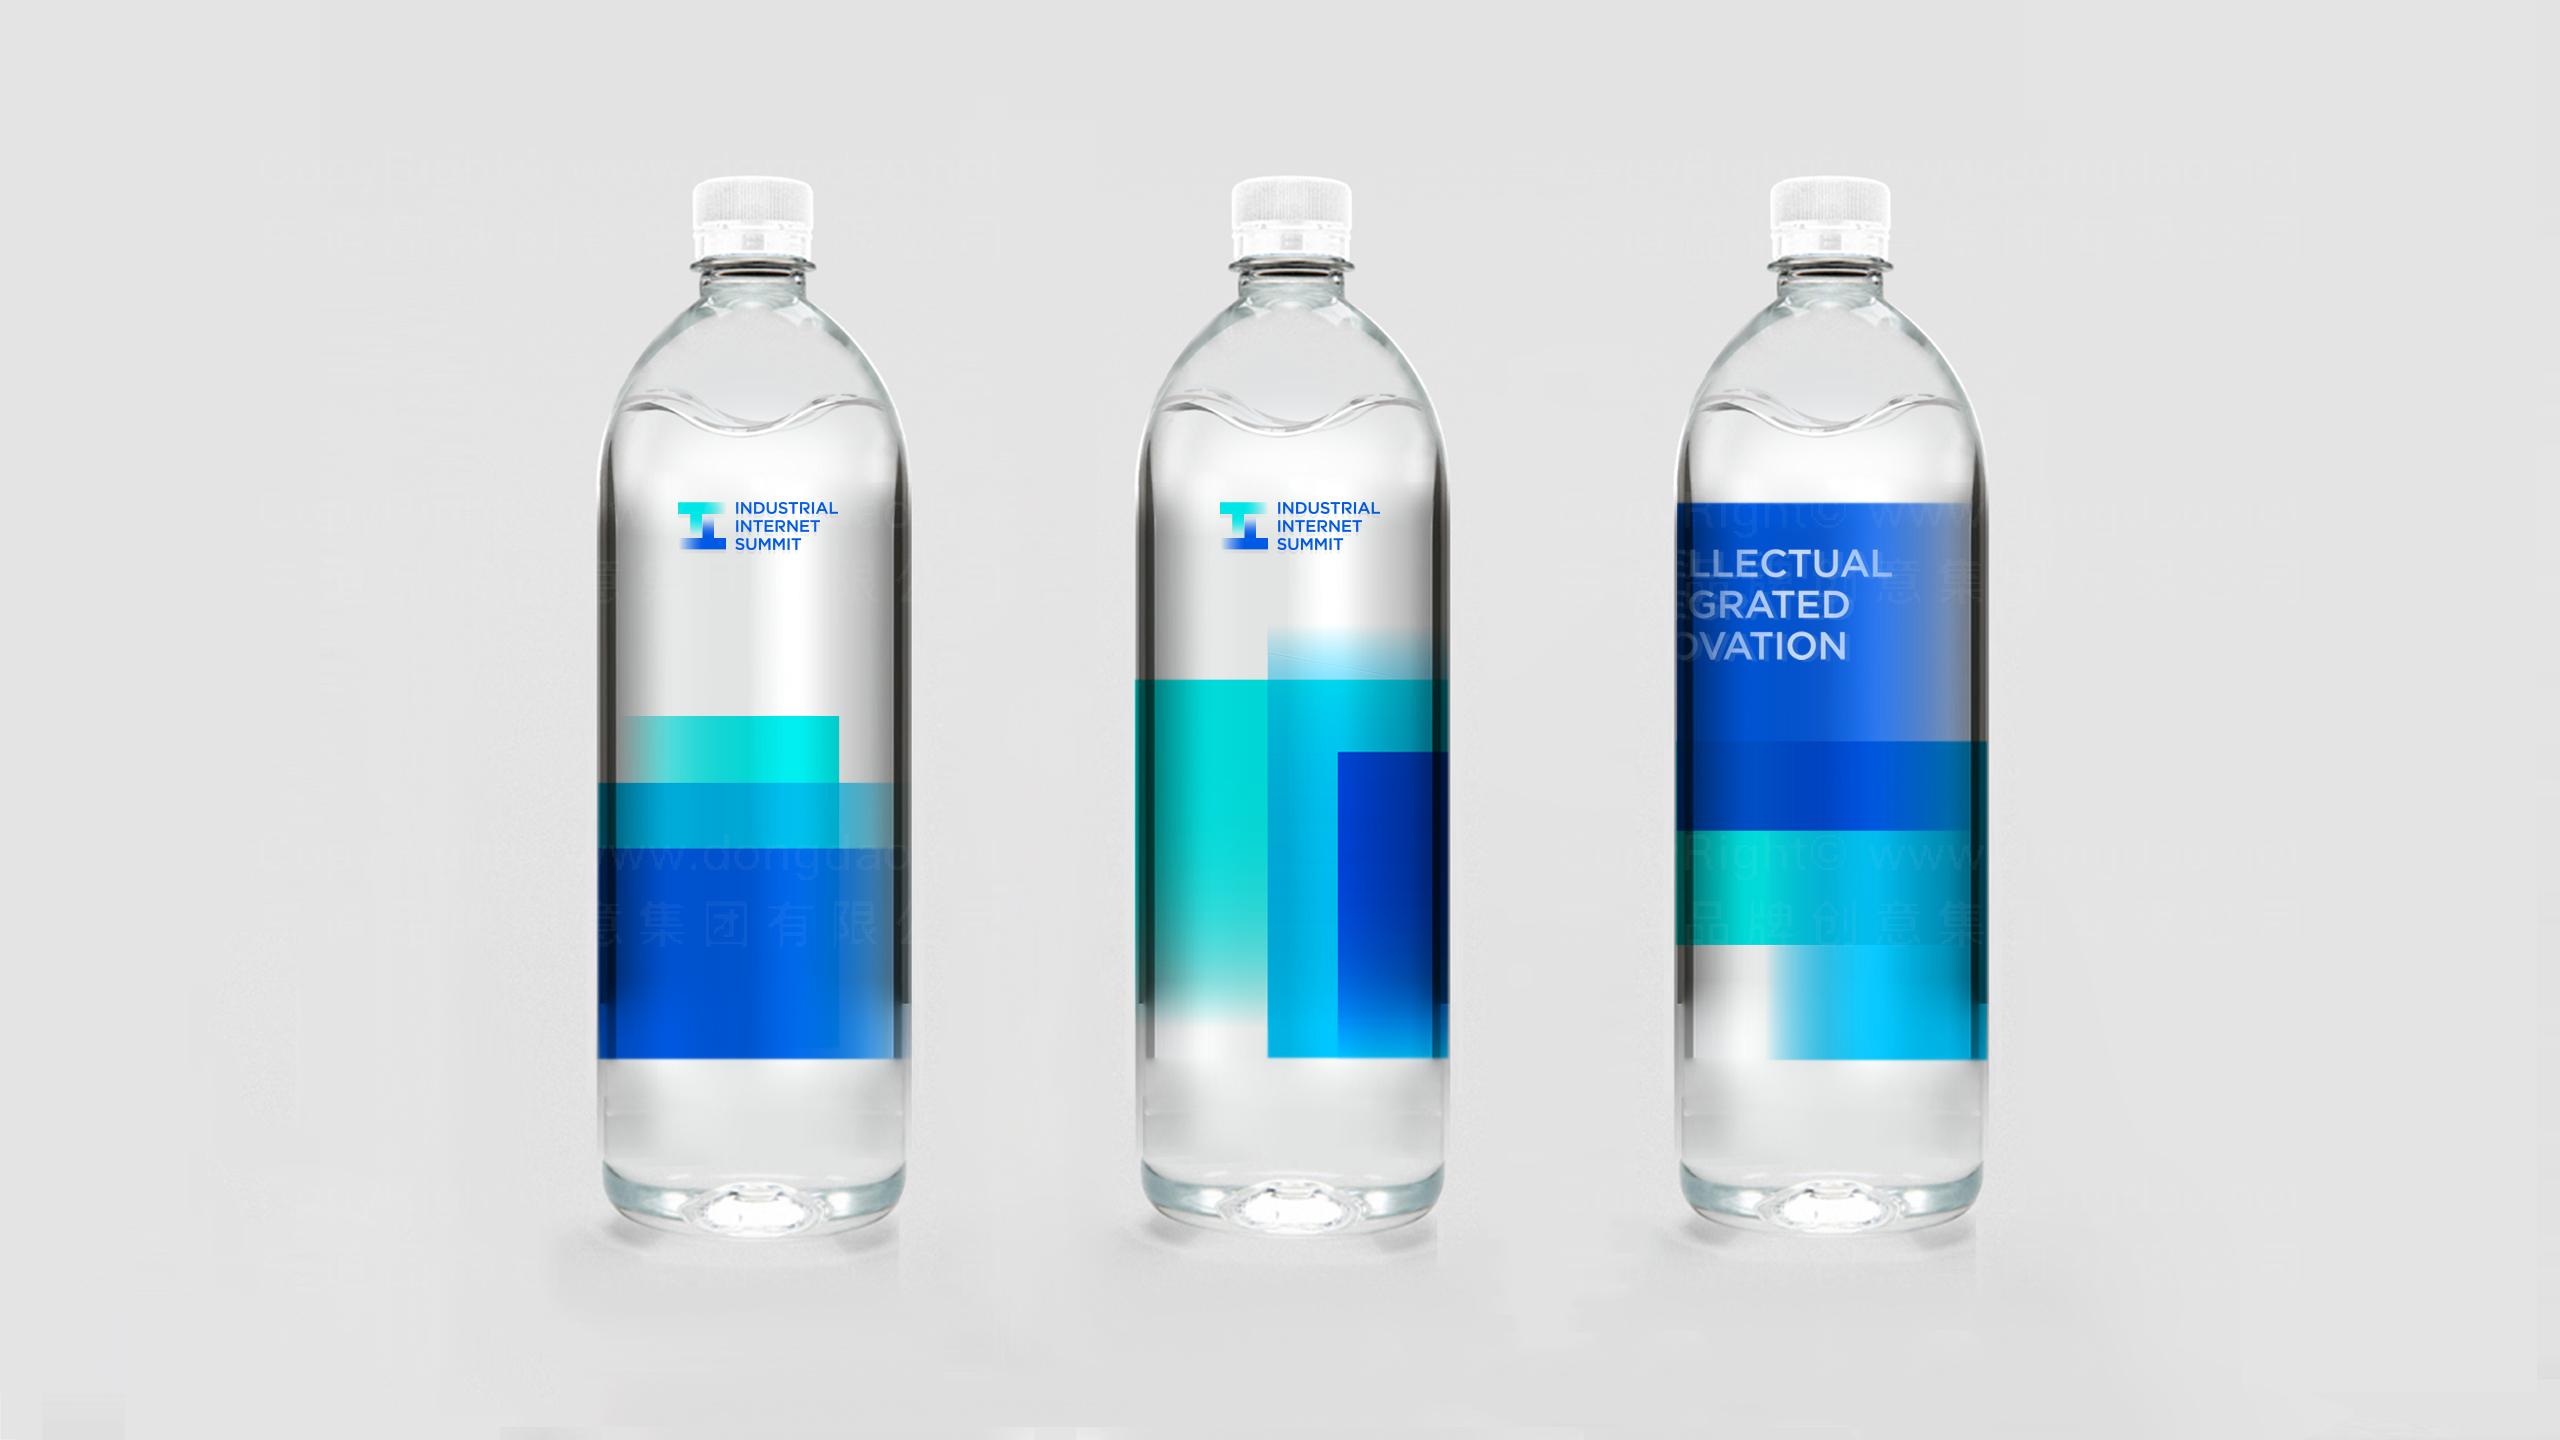 品牌设计工业互联网峰会LOGO设计应用场景_6